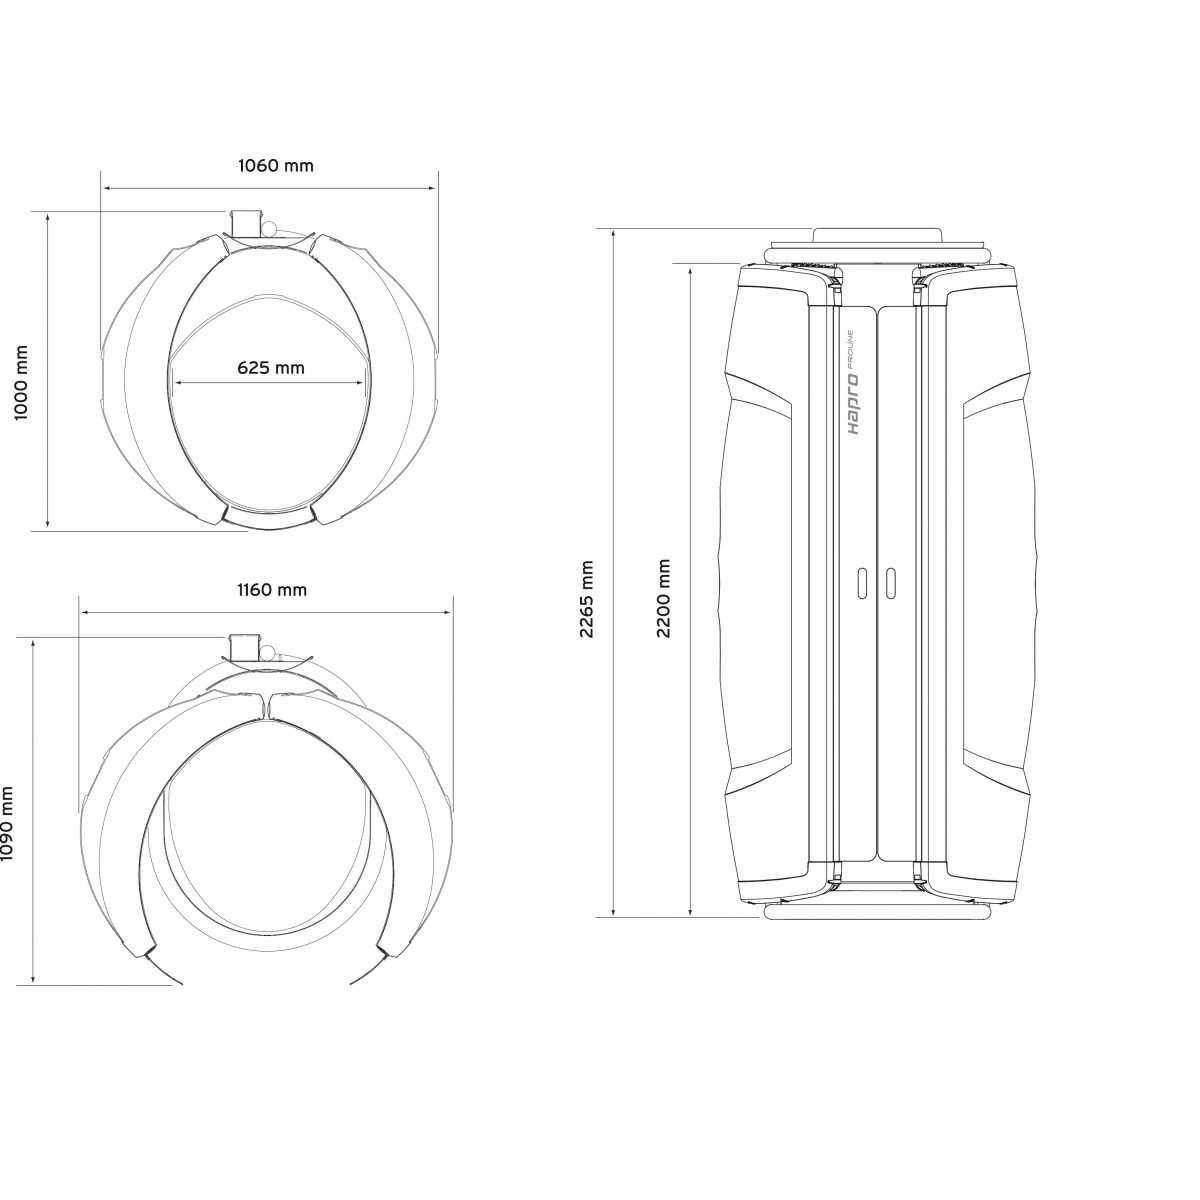 Hapro Proline 28V - Solário vertical - Solários Domésticos - Hapro